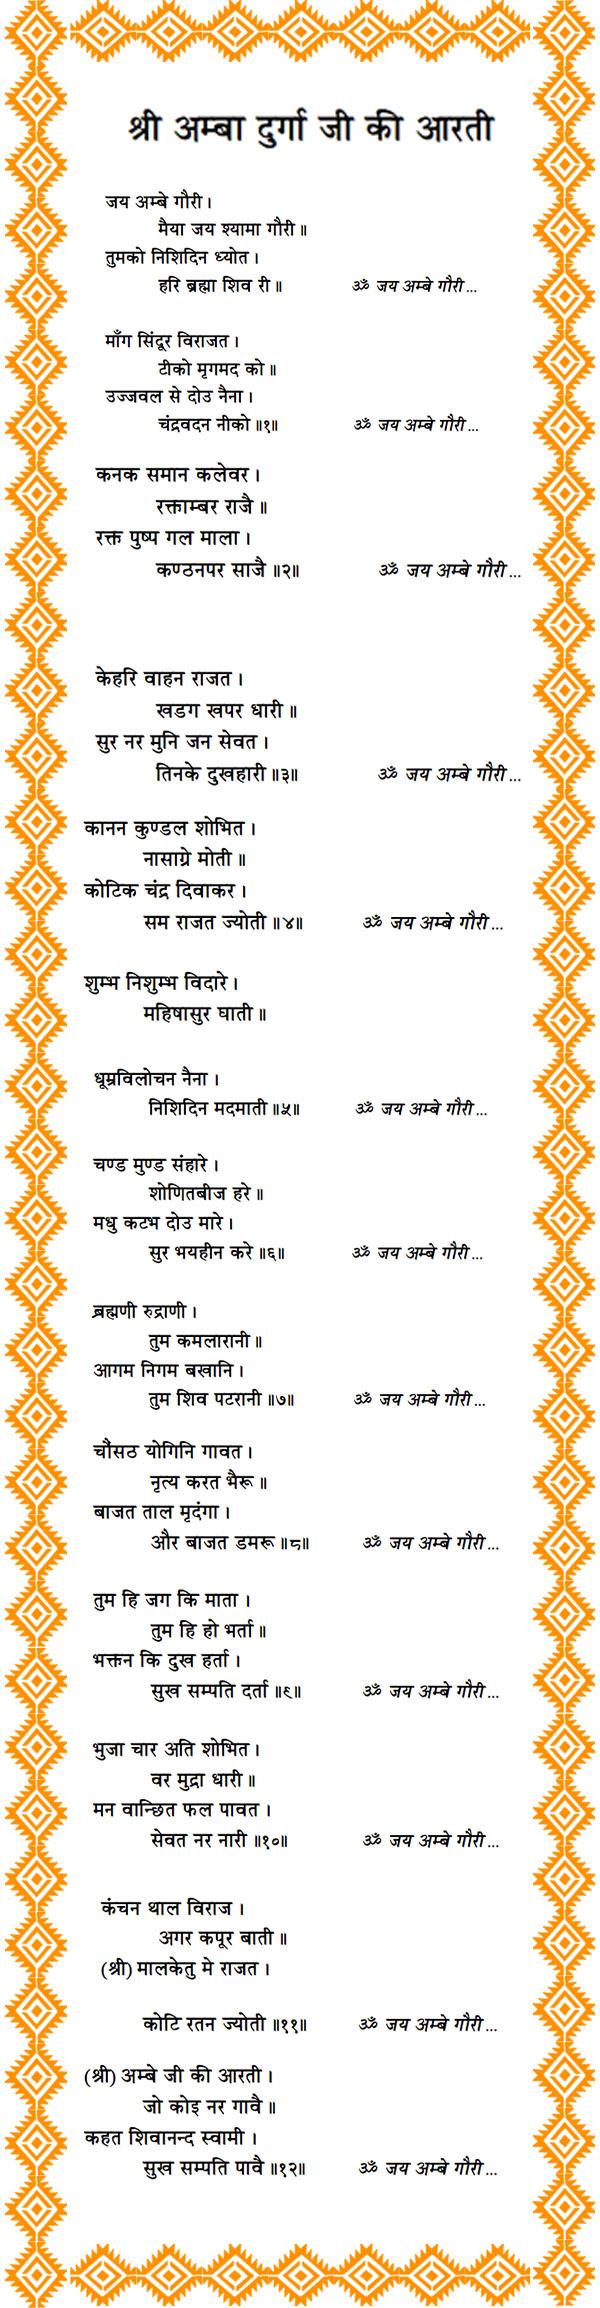 arati-durga-association-indienne-mauricienne-paris-dharma-sangh